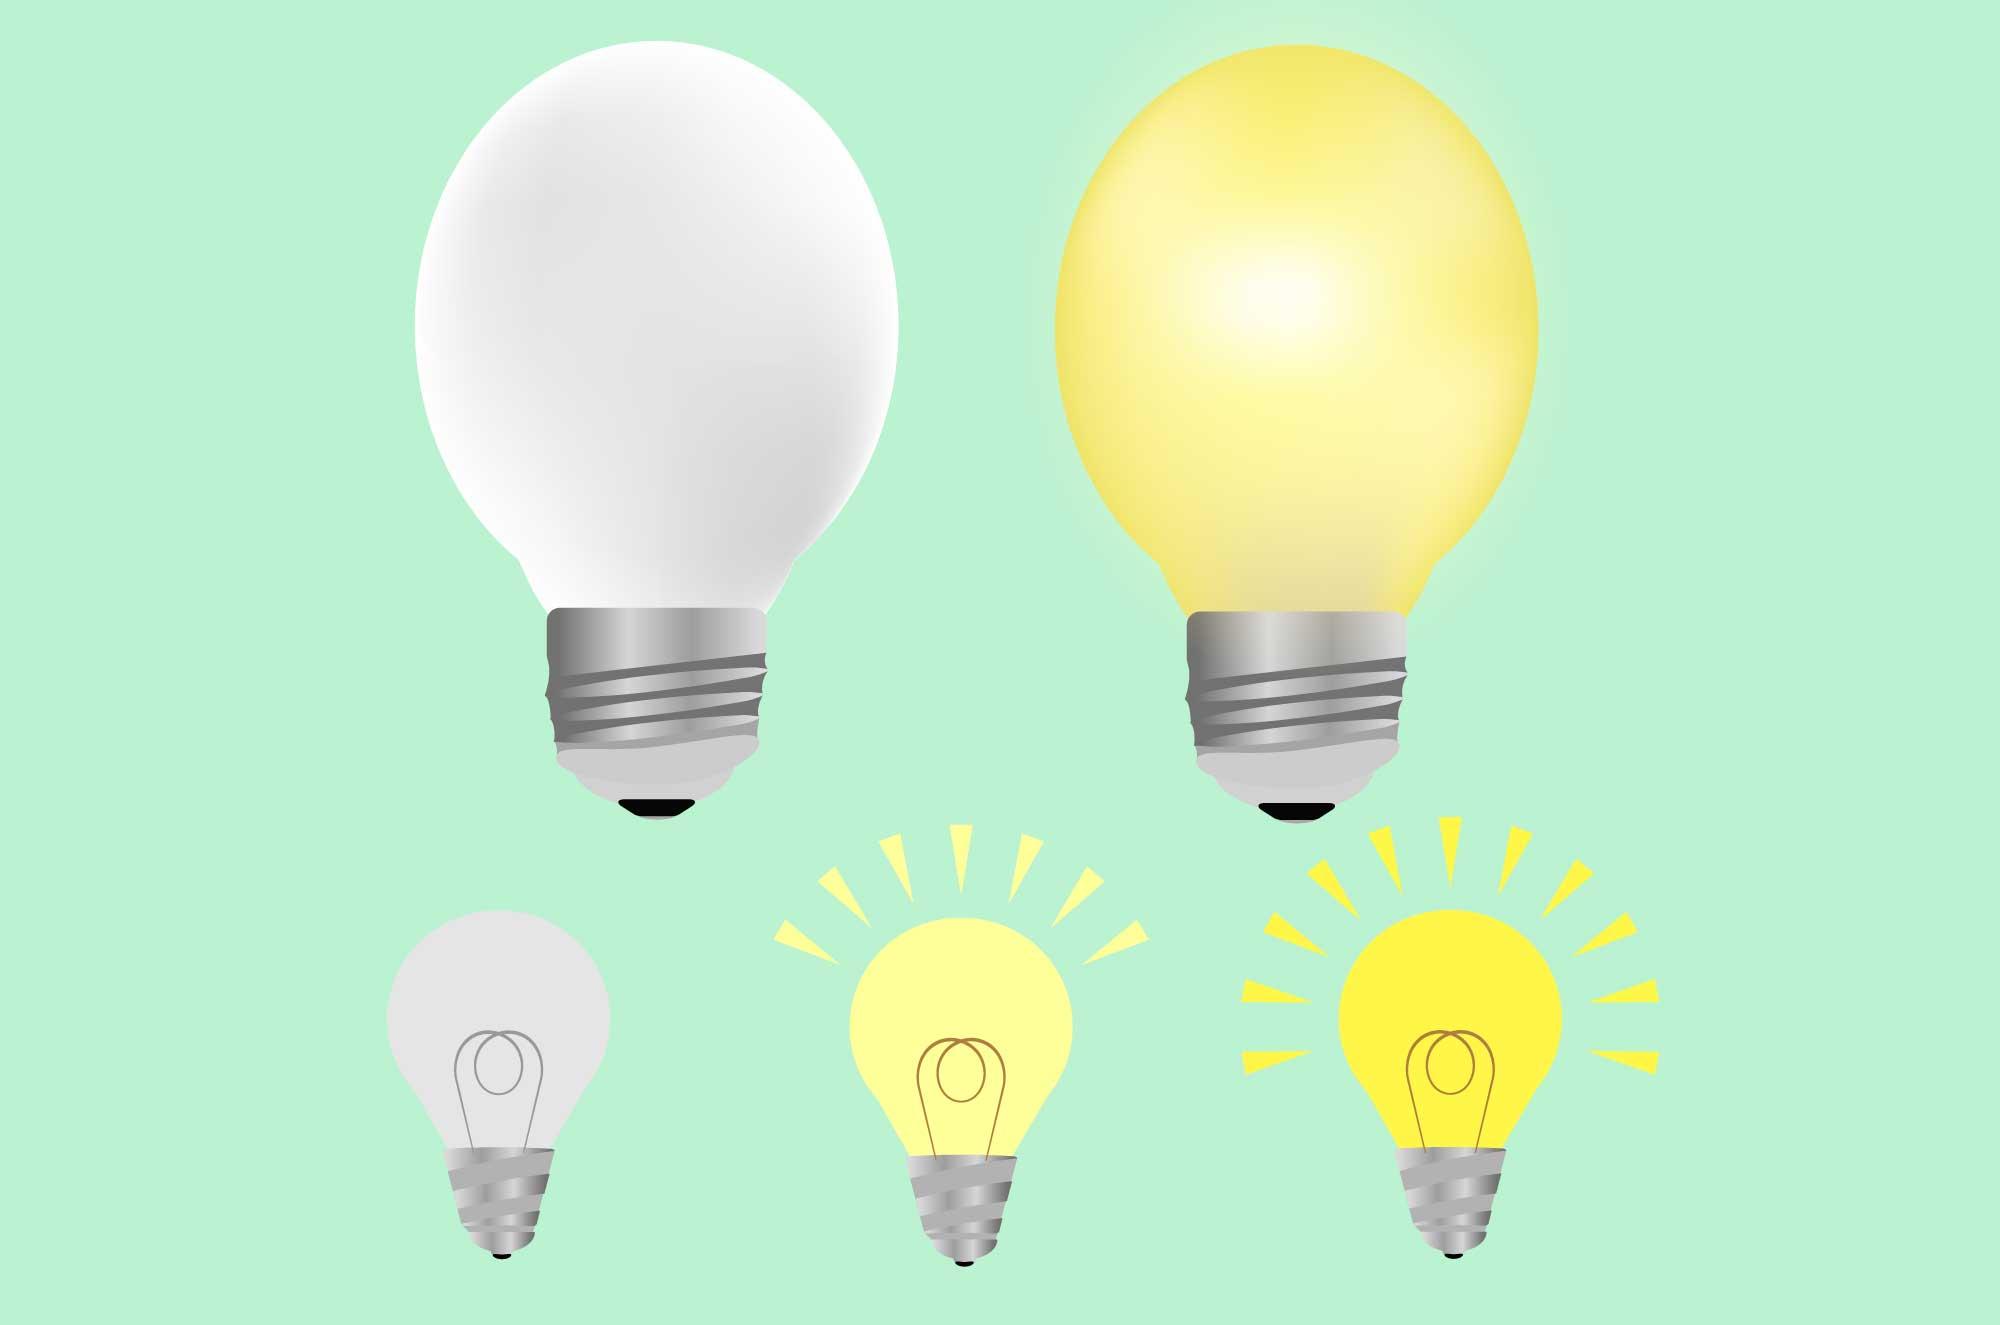 電球のイラスト - パッと閃く明るいアイコン素材